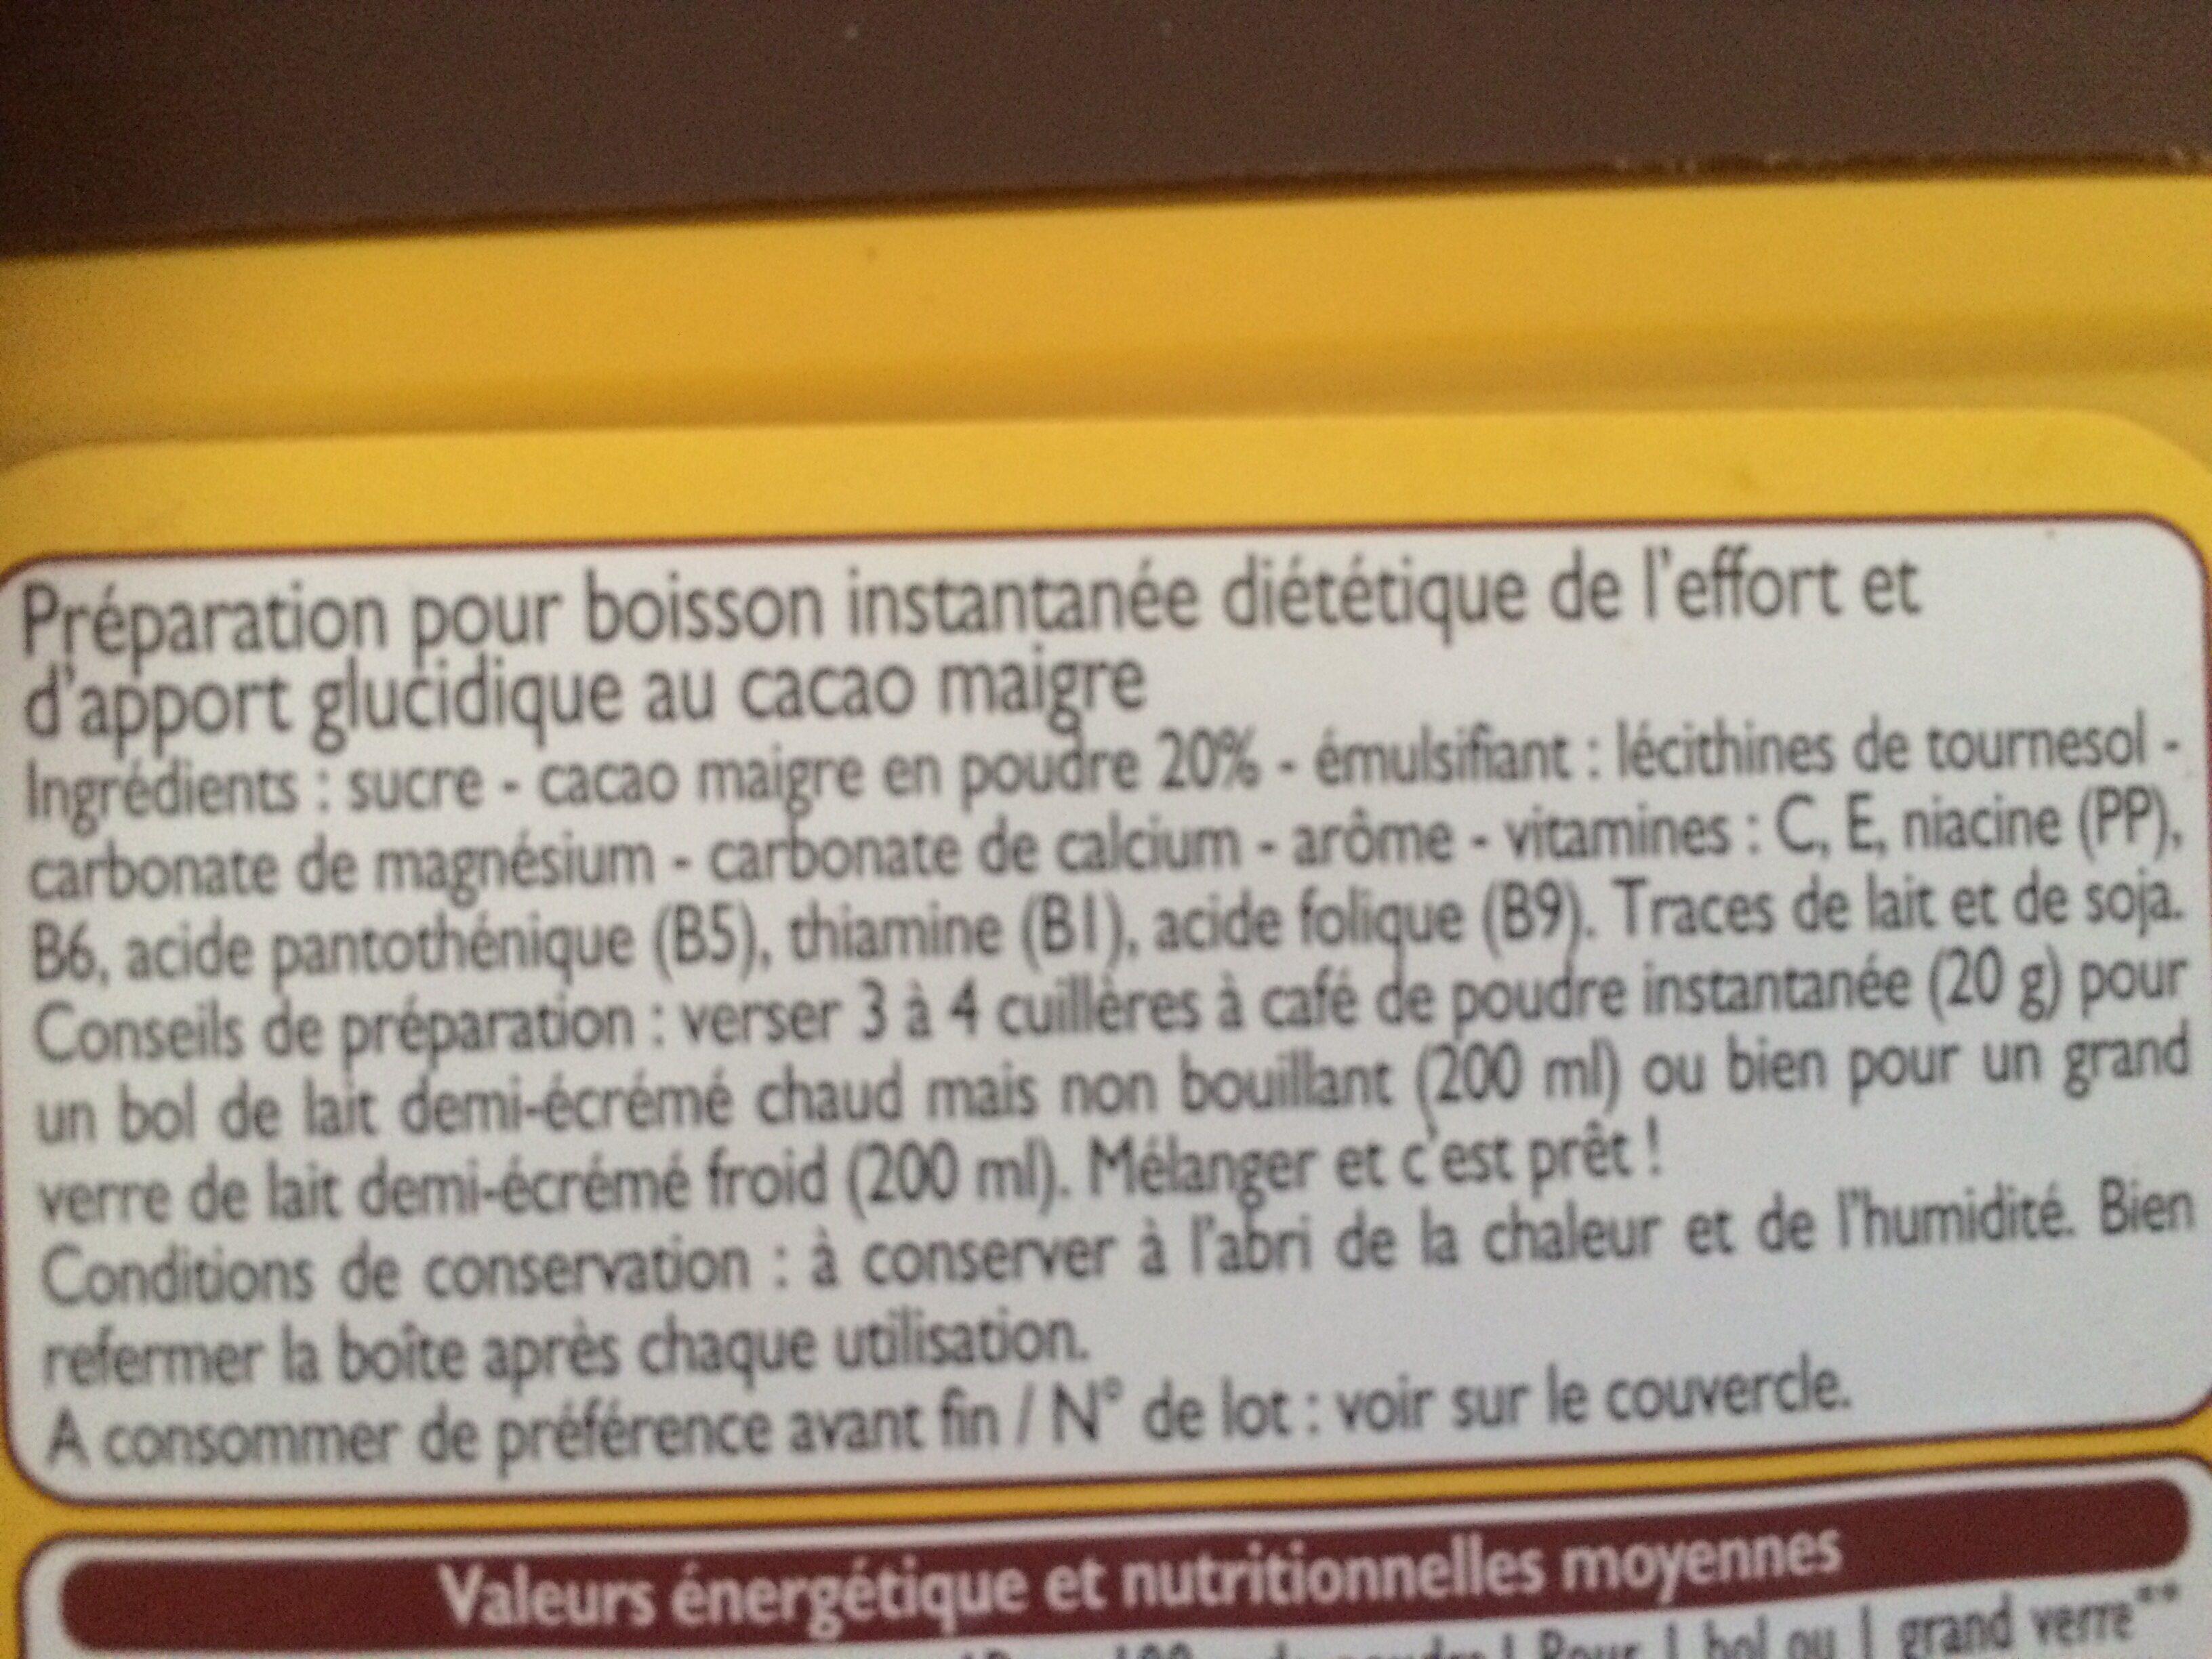 Poudre instantanée cacaotée Leader Quick - Ingrédients - fr